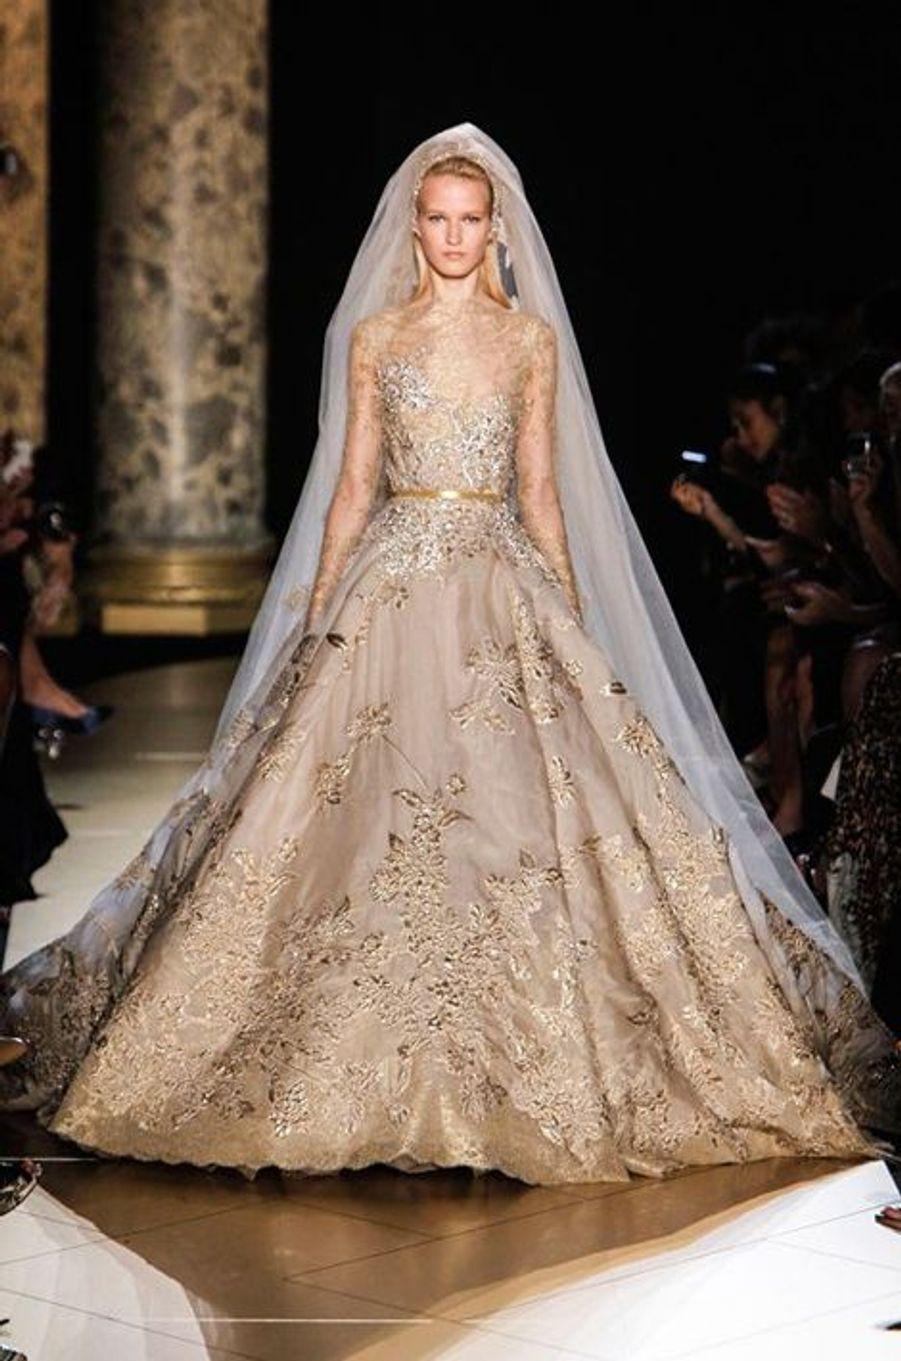 Collection automne hiver 2012- 2013. Pour cette robe, le styliste libanais s'est inspiré de l'empire Byzantin.